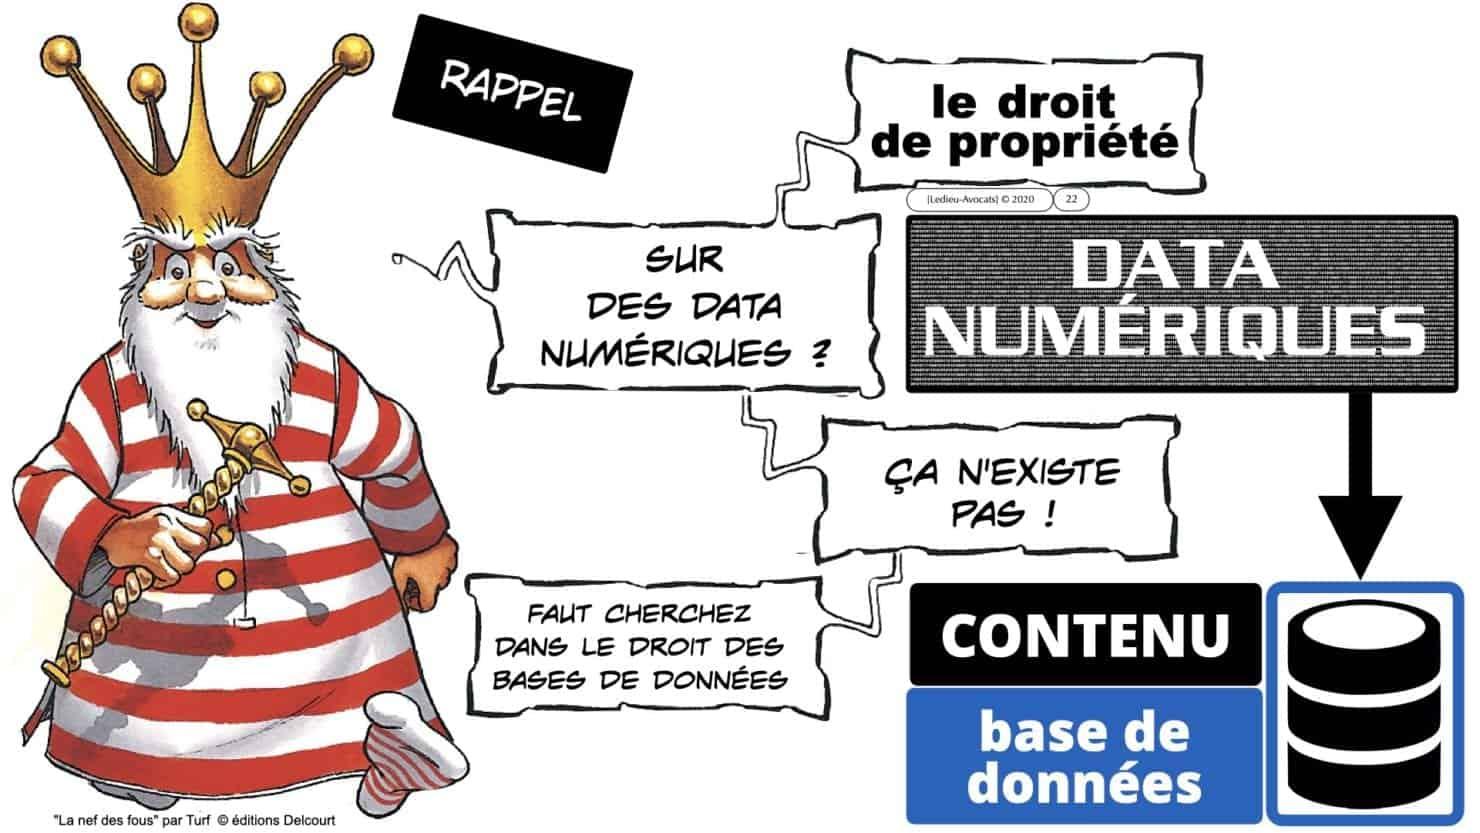 un droit de propriété sur des data numériques ?